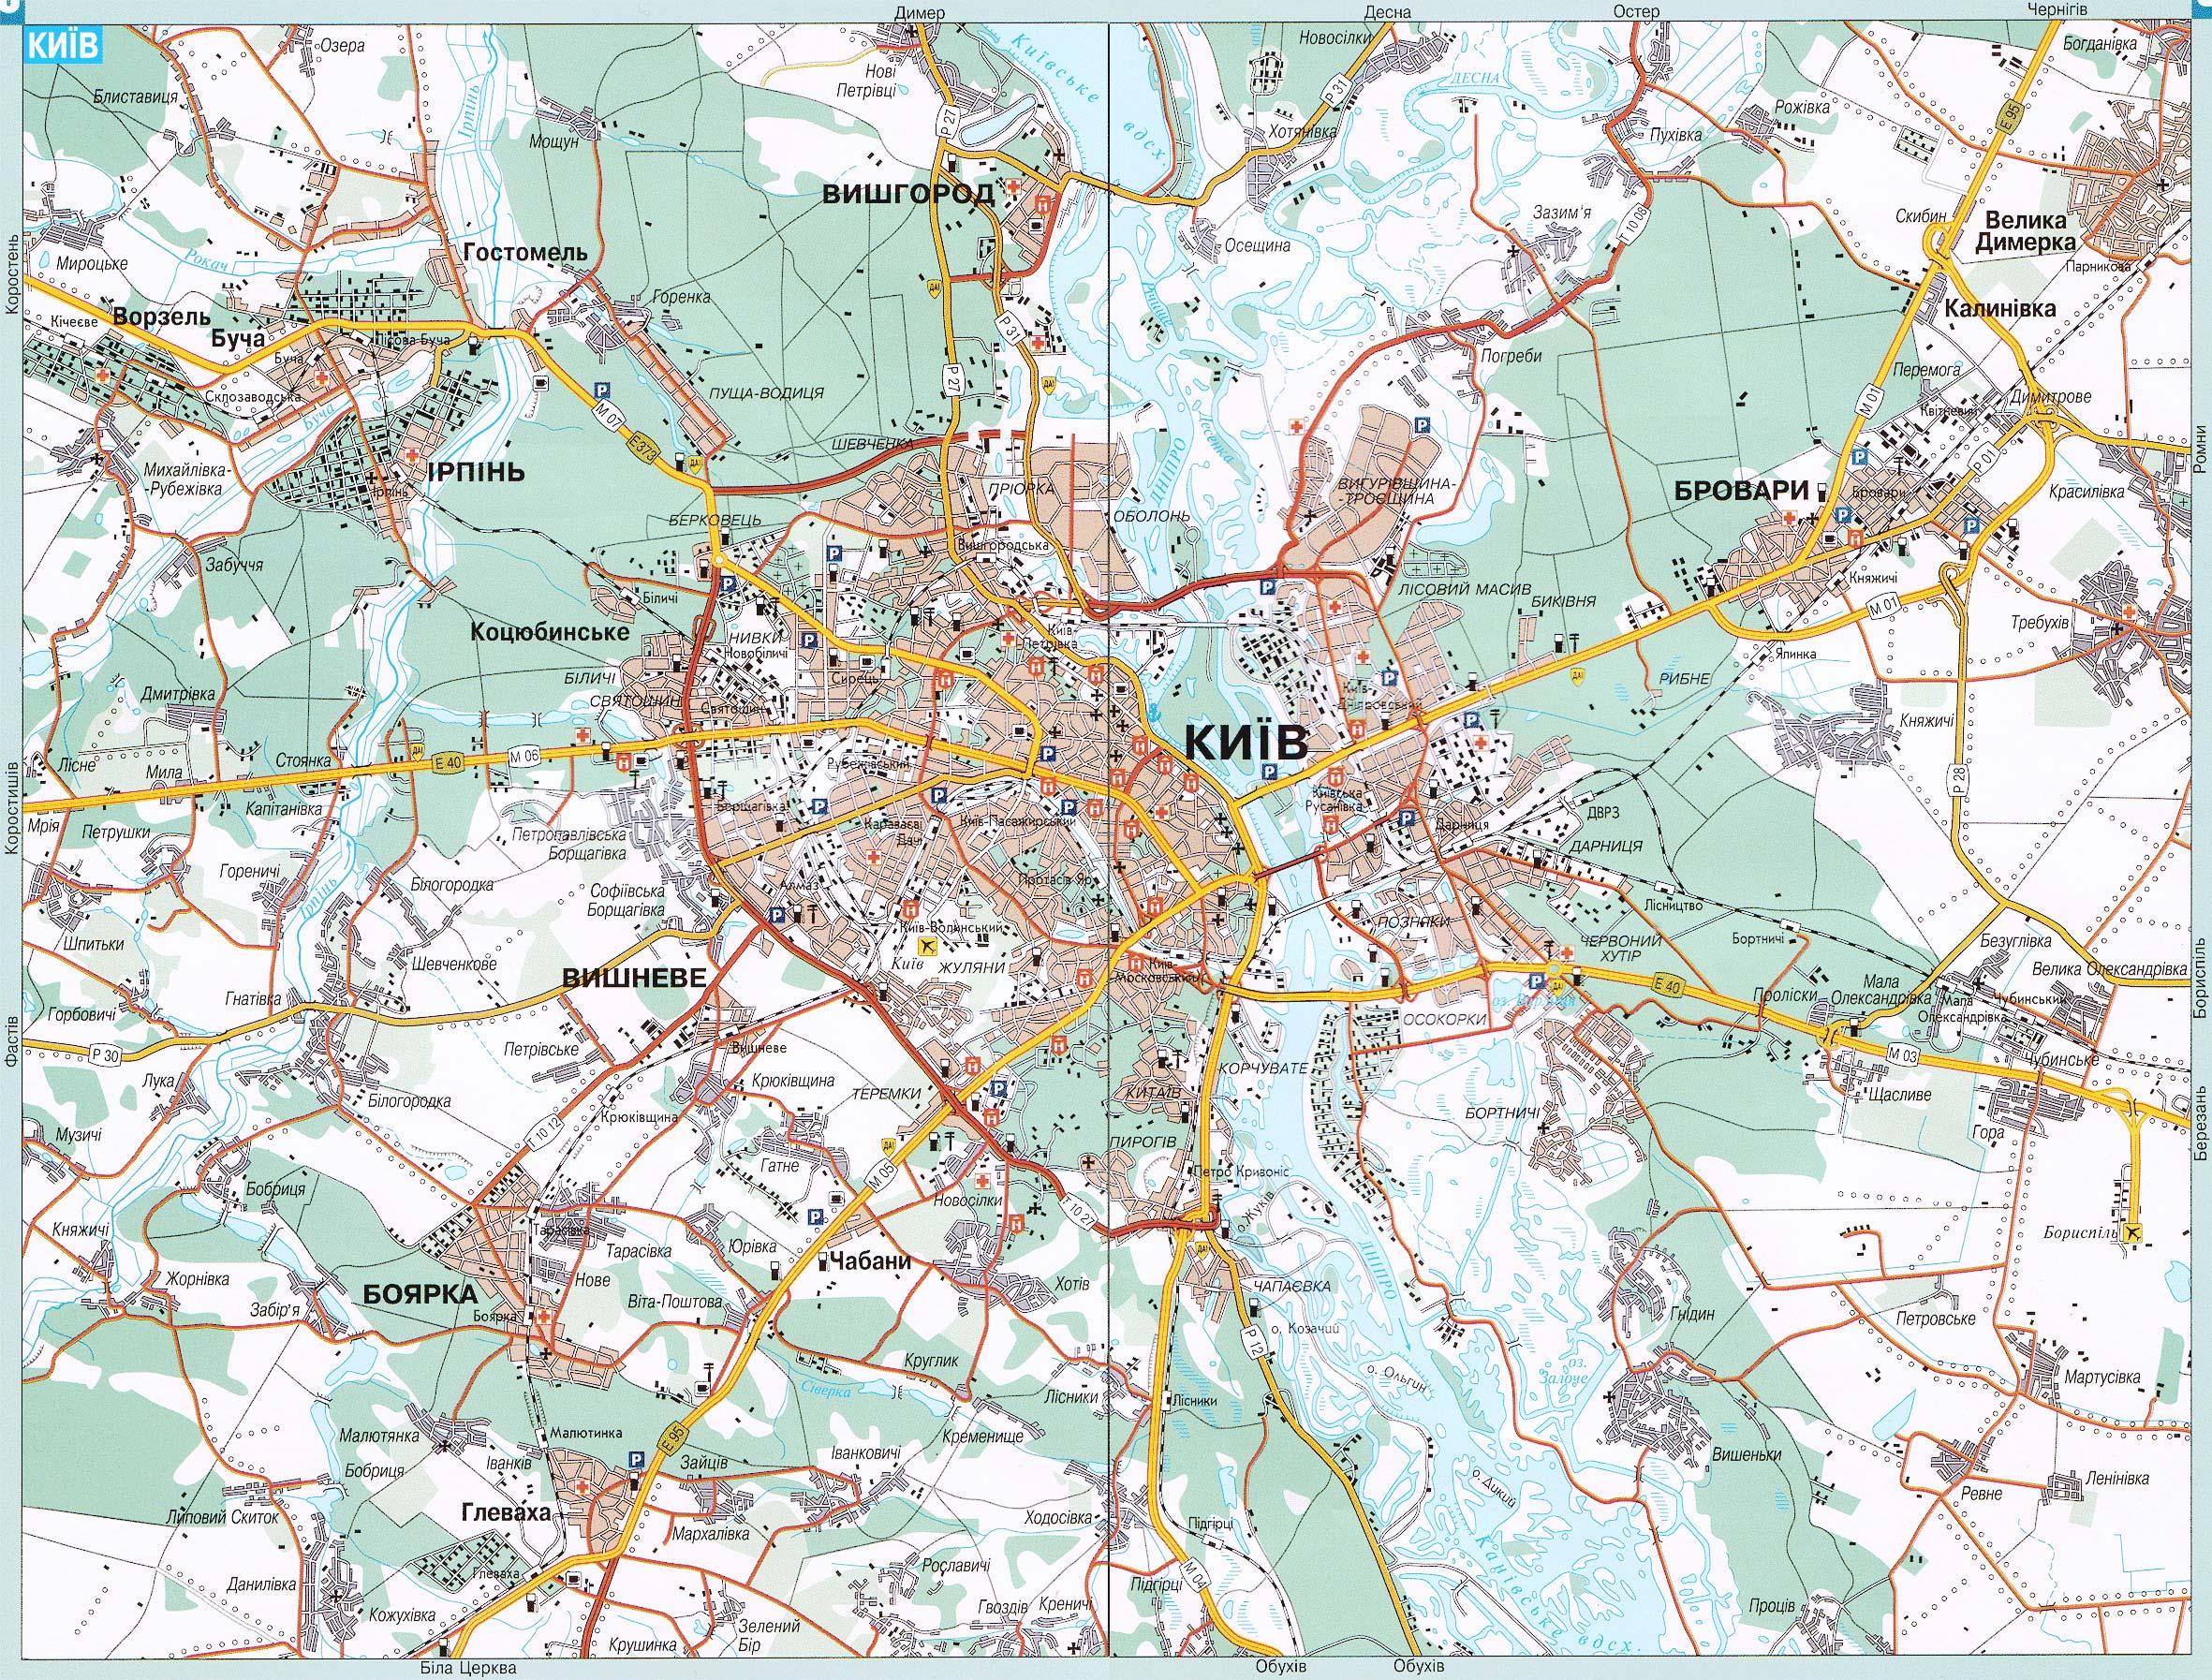 Киев карта киева карта автомобильных